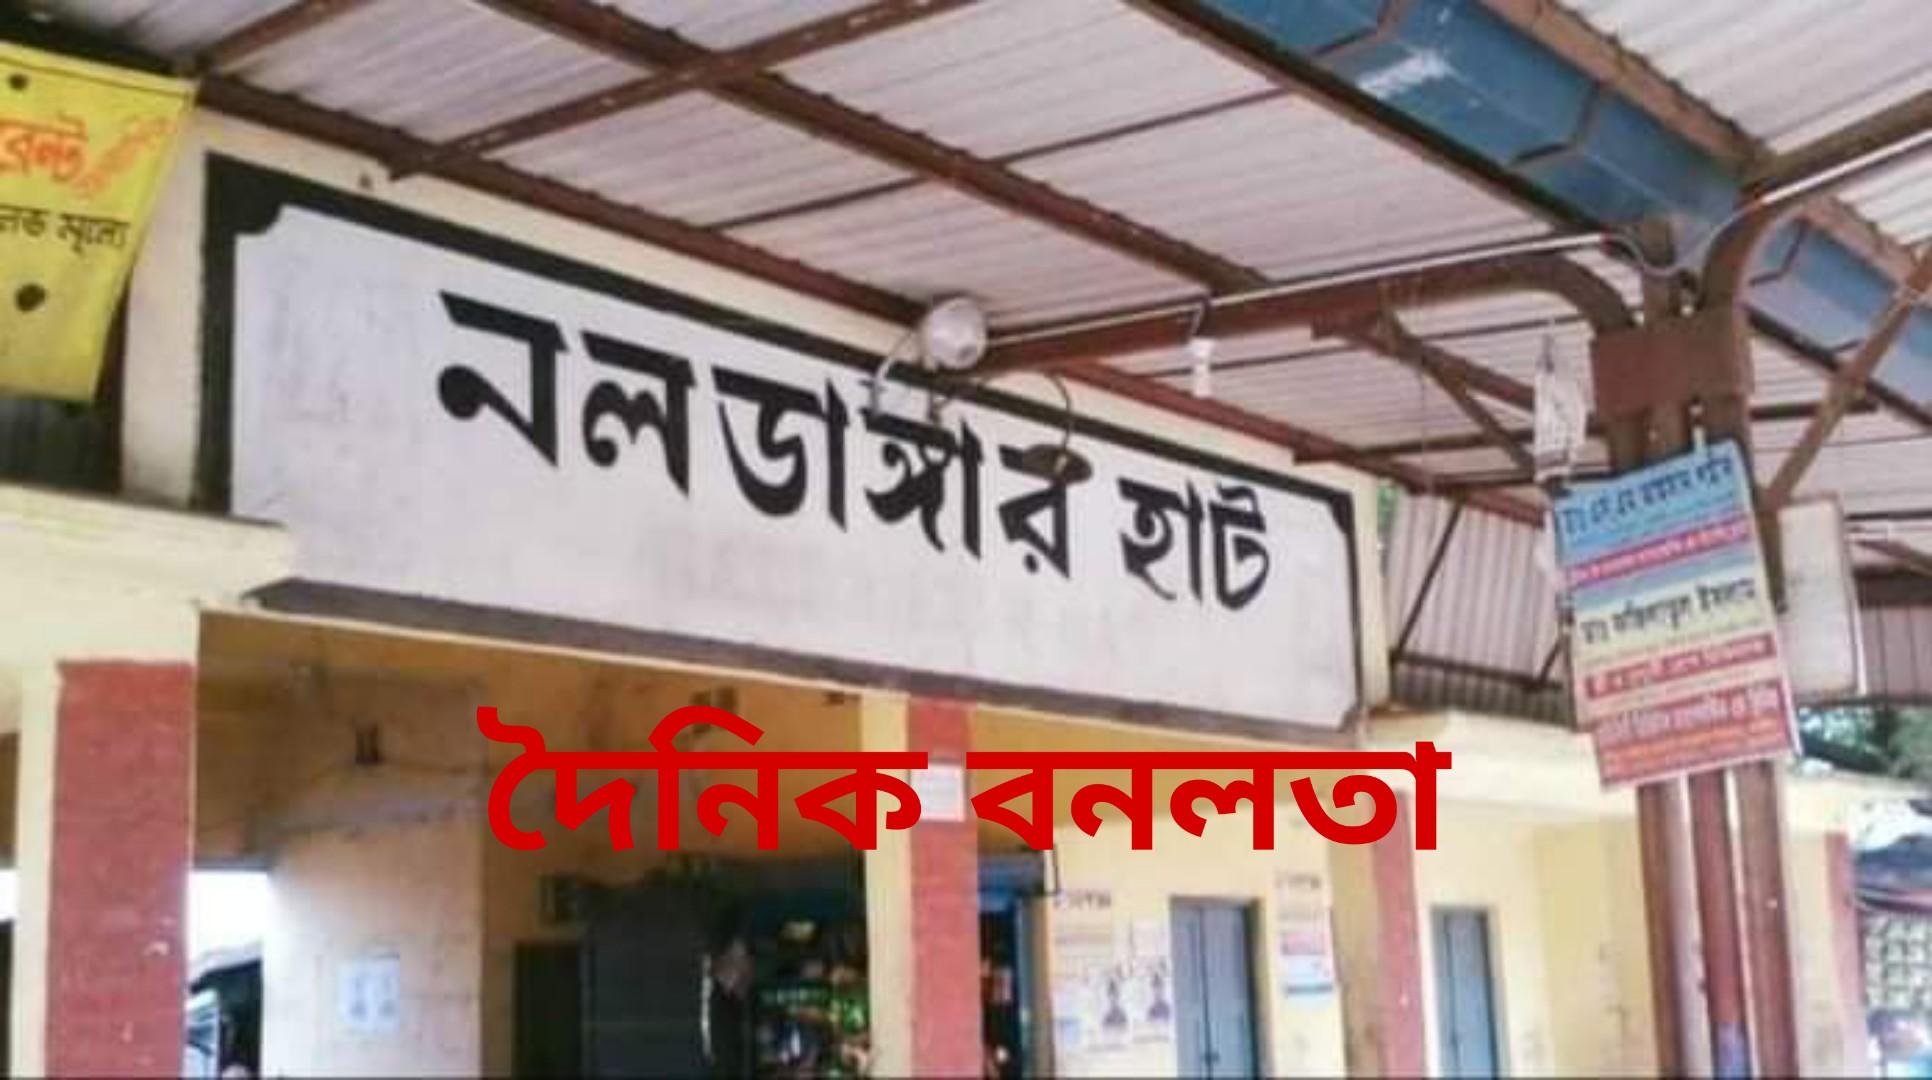 নলডাঙ্গায় ট্রেনের ধাক্কায় অজ্ঞাত ব্যক্তির মৃত্যু